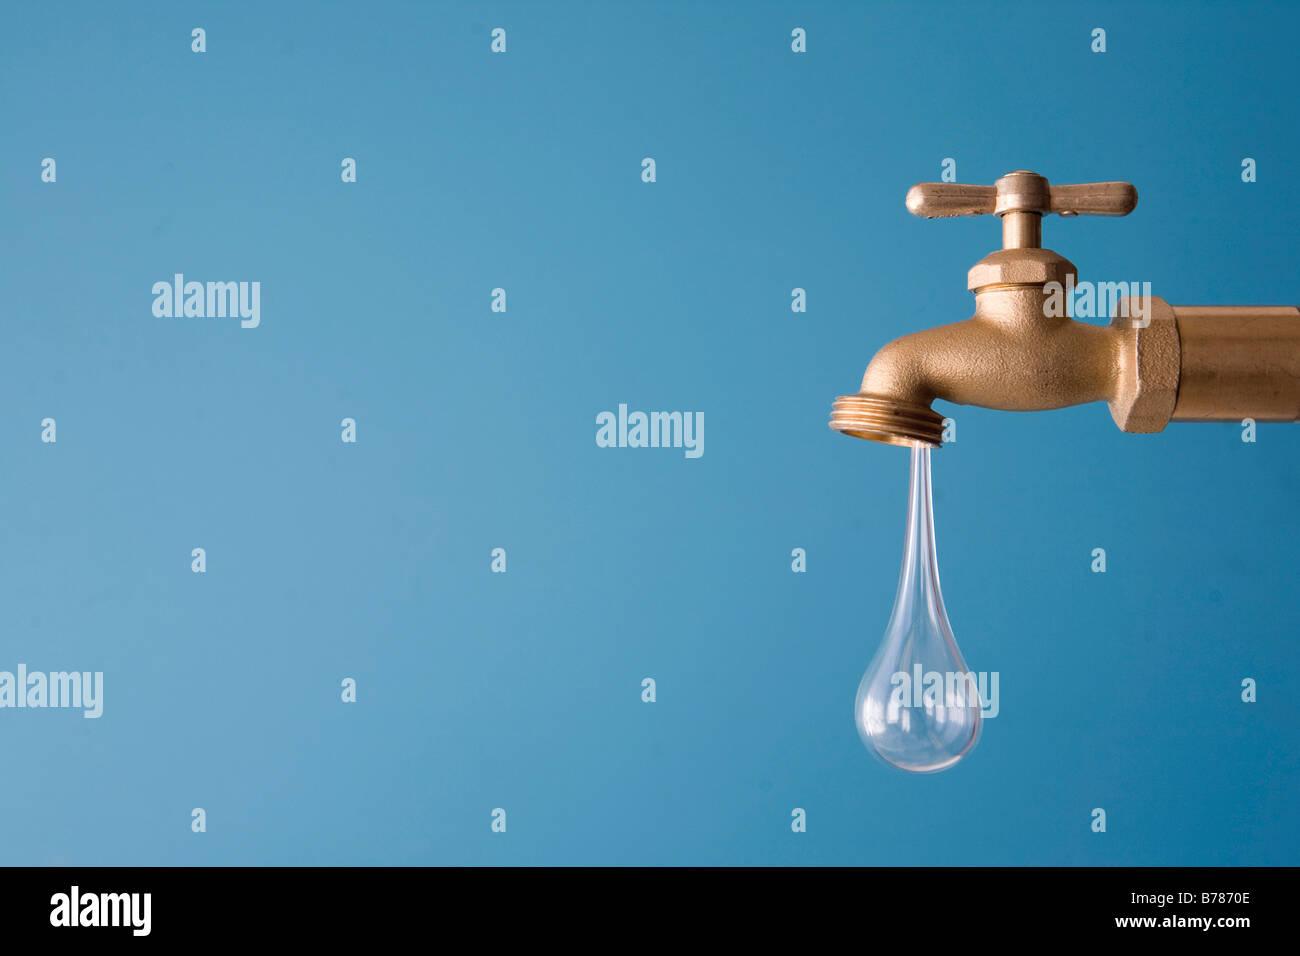 Giant goccia d'acqua che gocciola dal rubinetto Immagini Stock